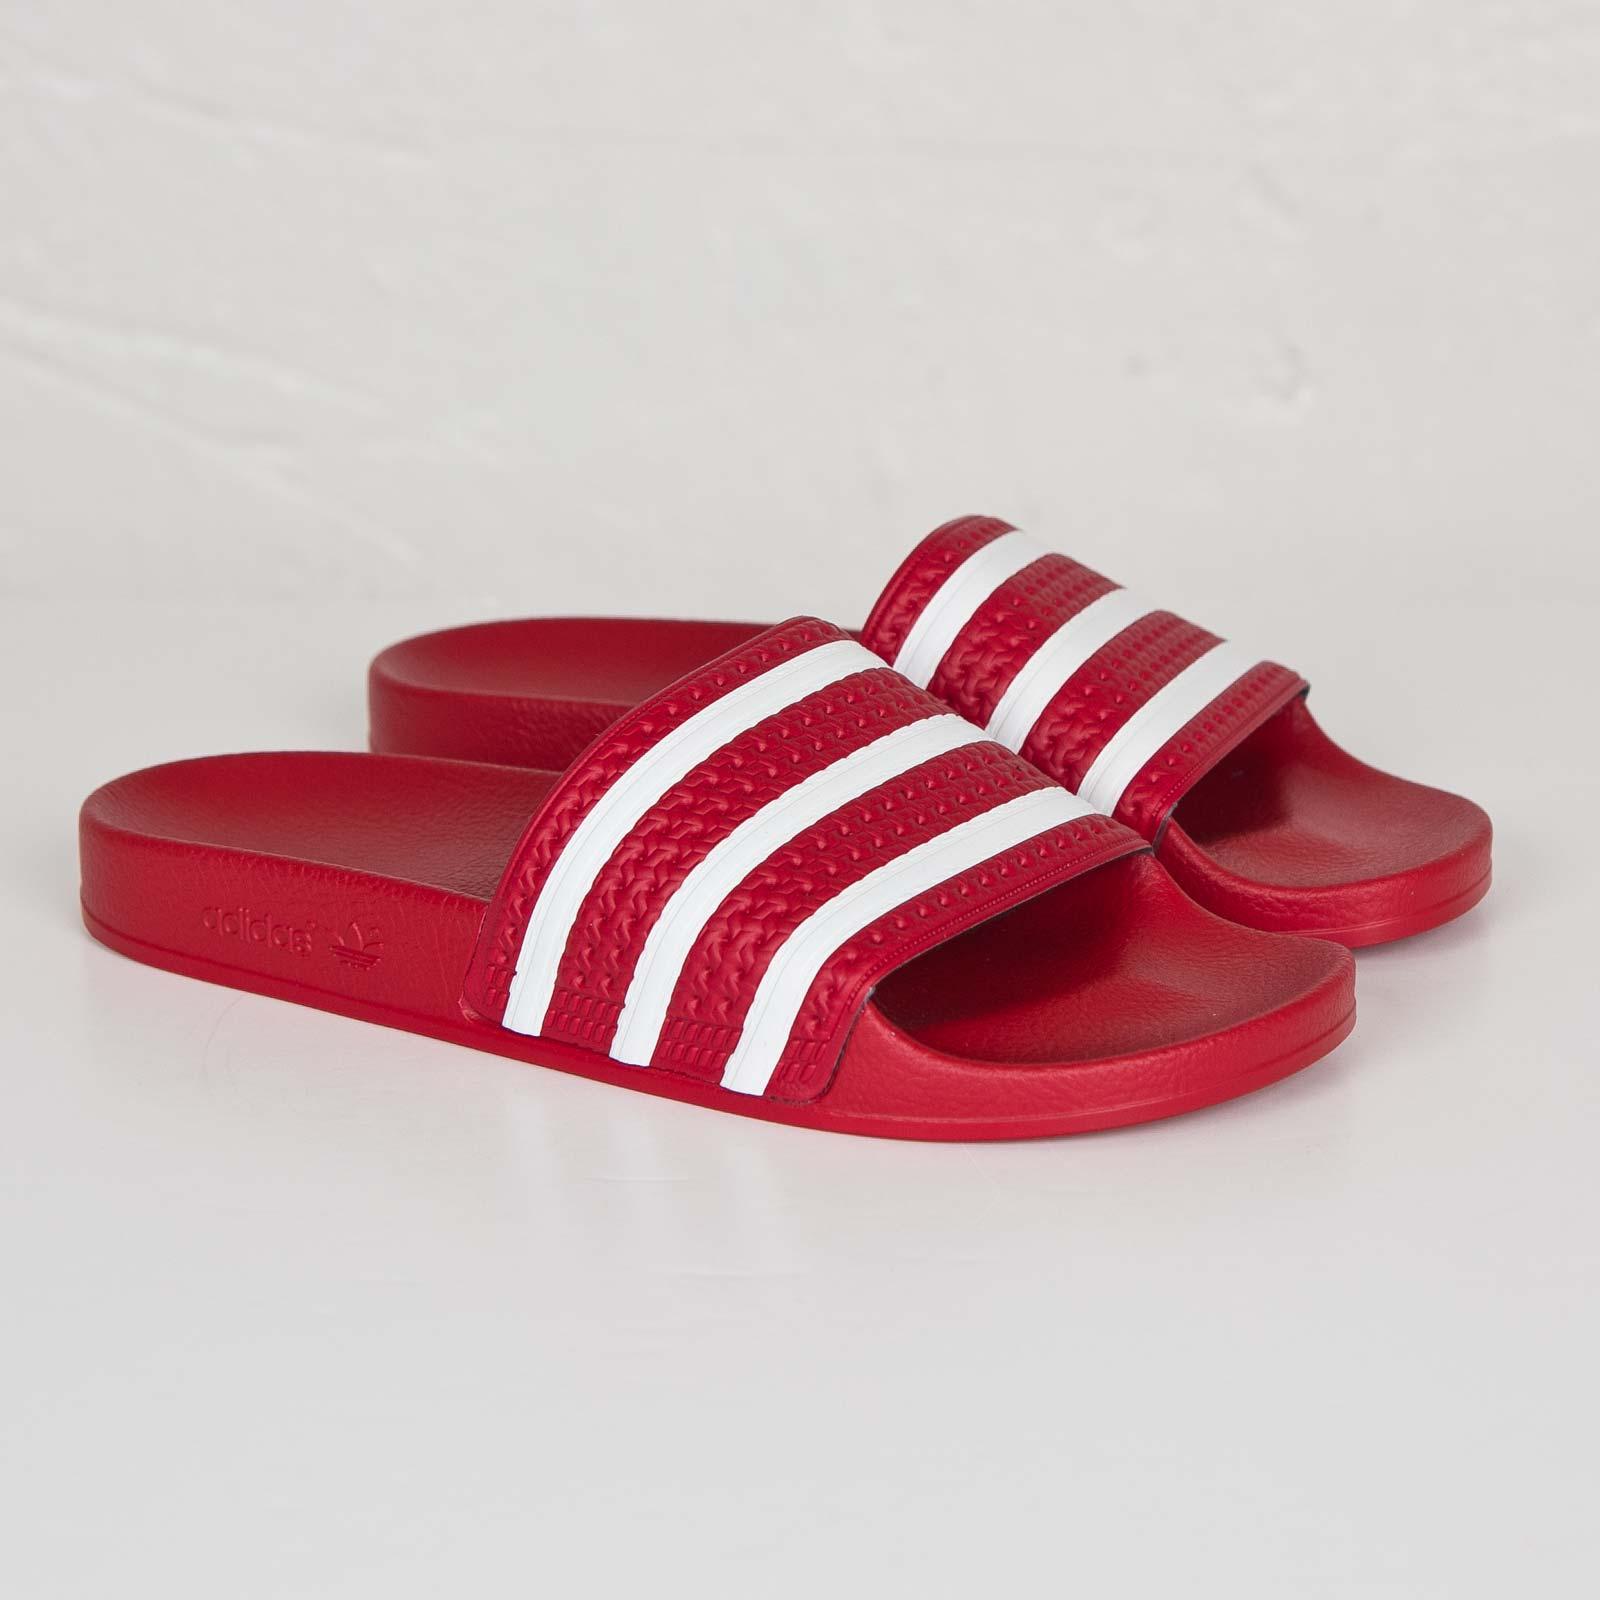 03fc946cad85 adidas Adilette - 288193 - Sneakersnstuff